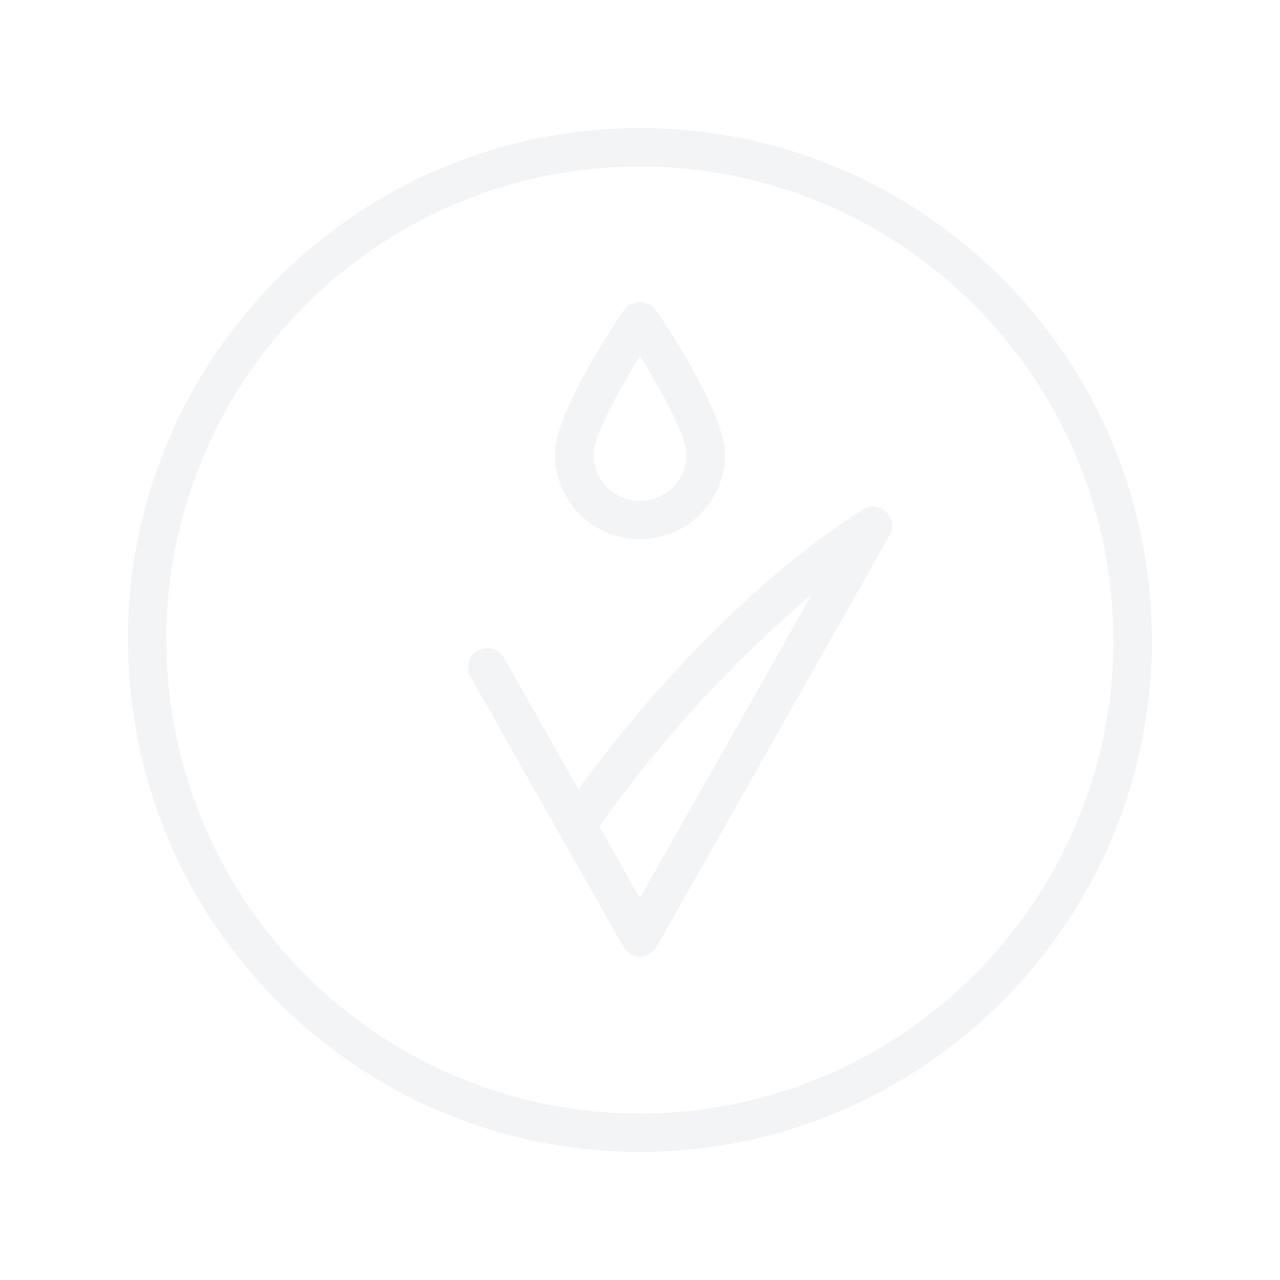 Clarins Waterproof Eye Pencil 1.2g